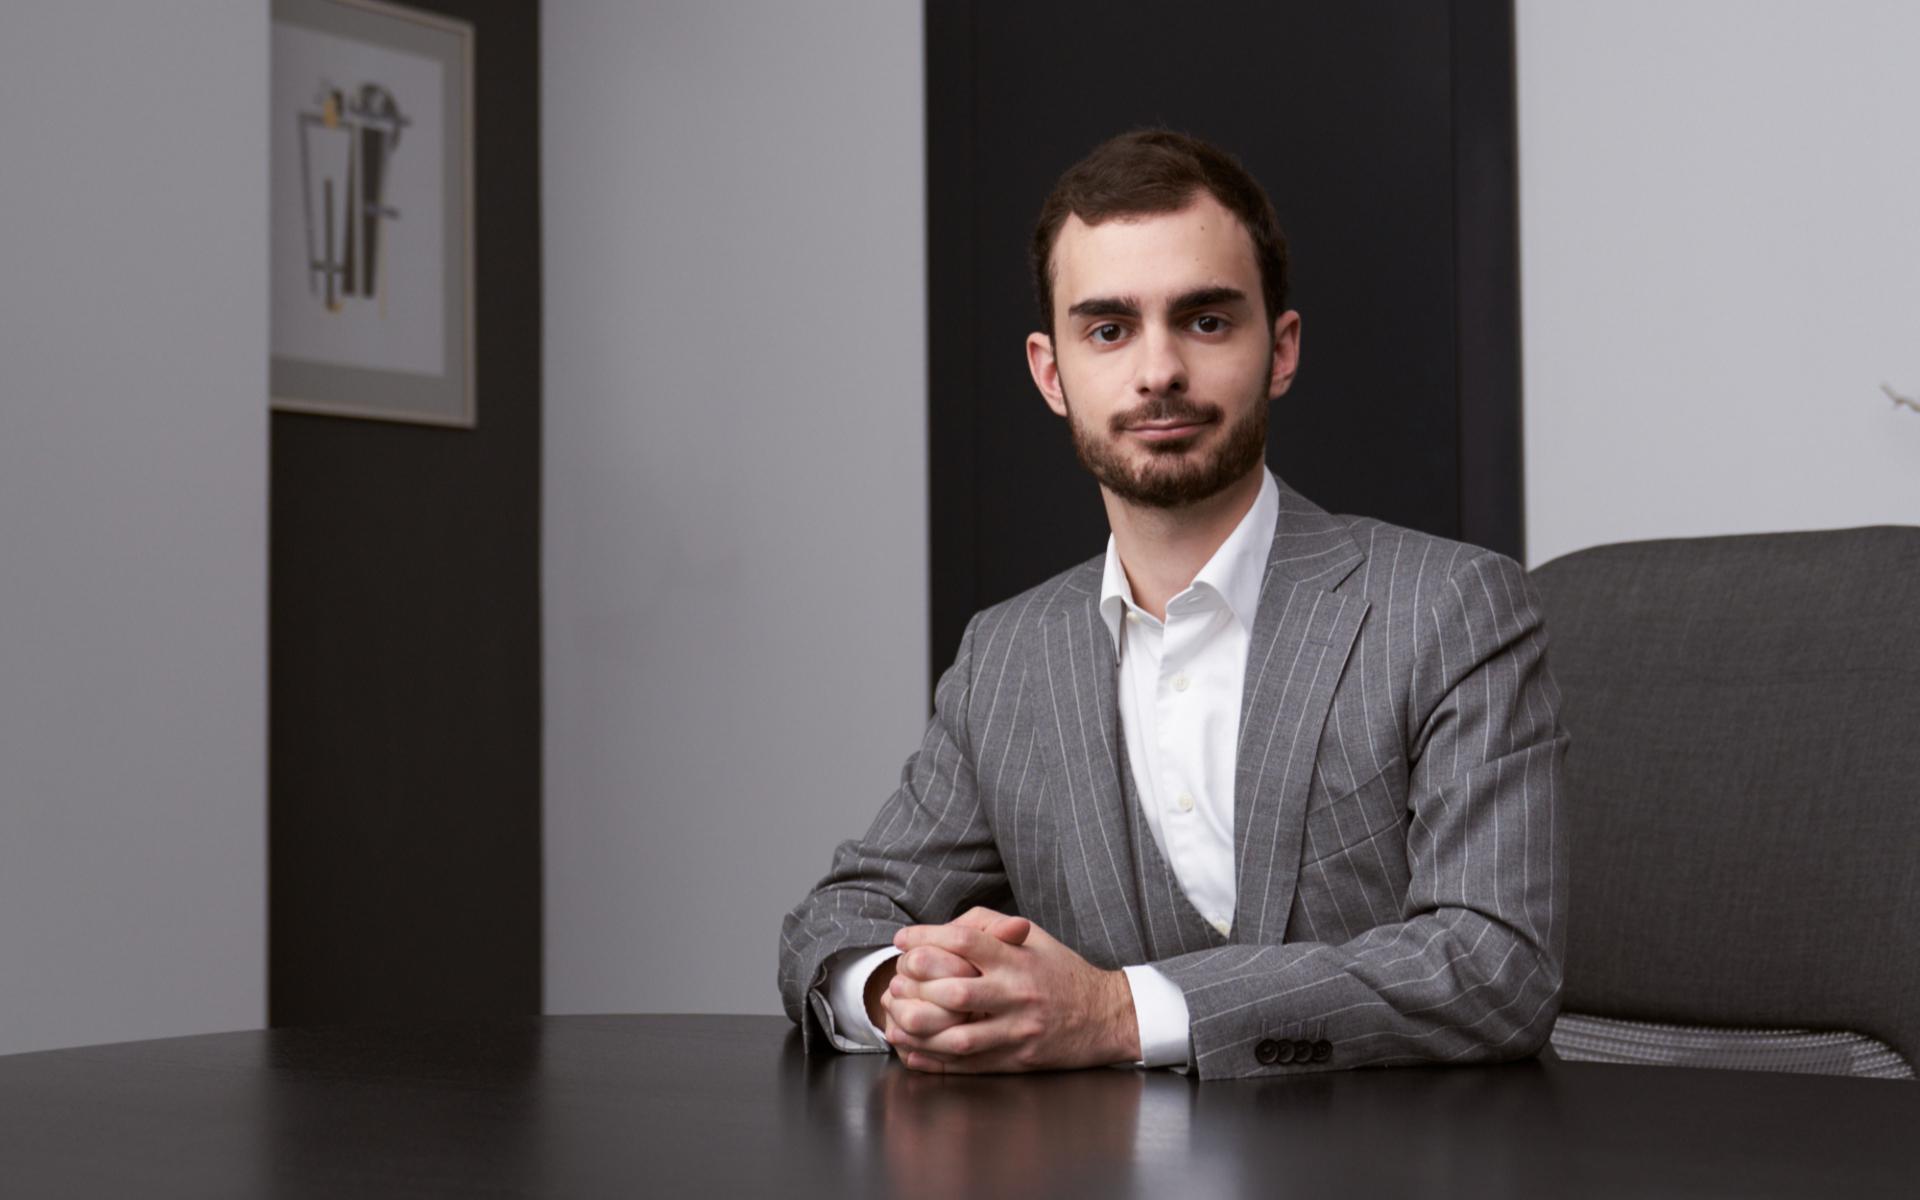 Давид Худоян, генеральный директор Optima Development